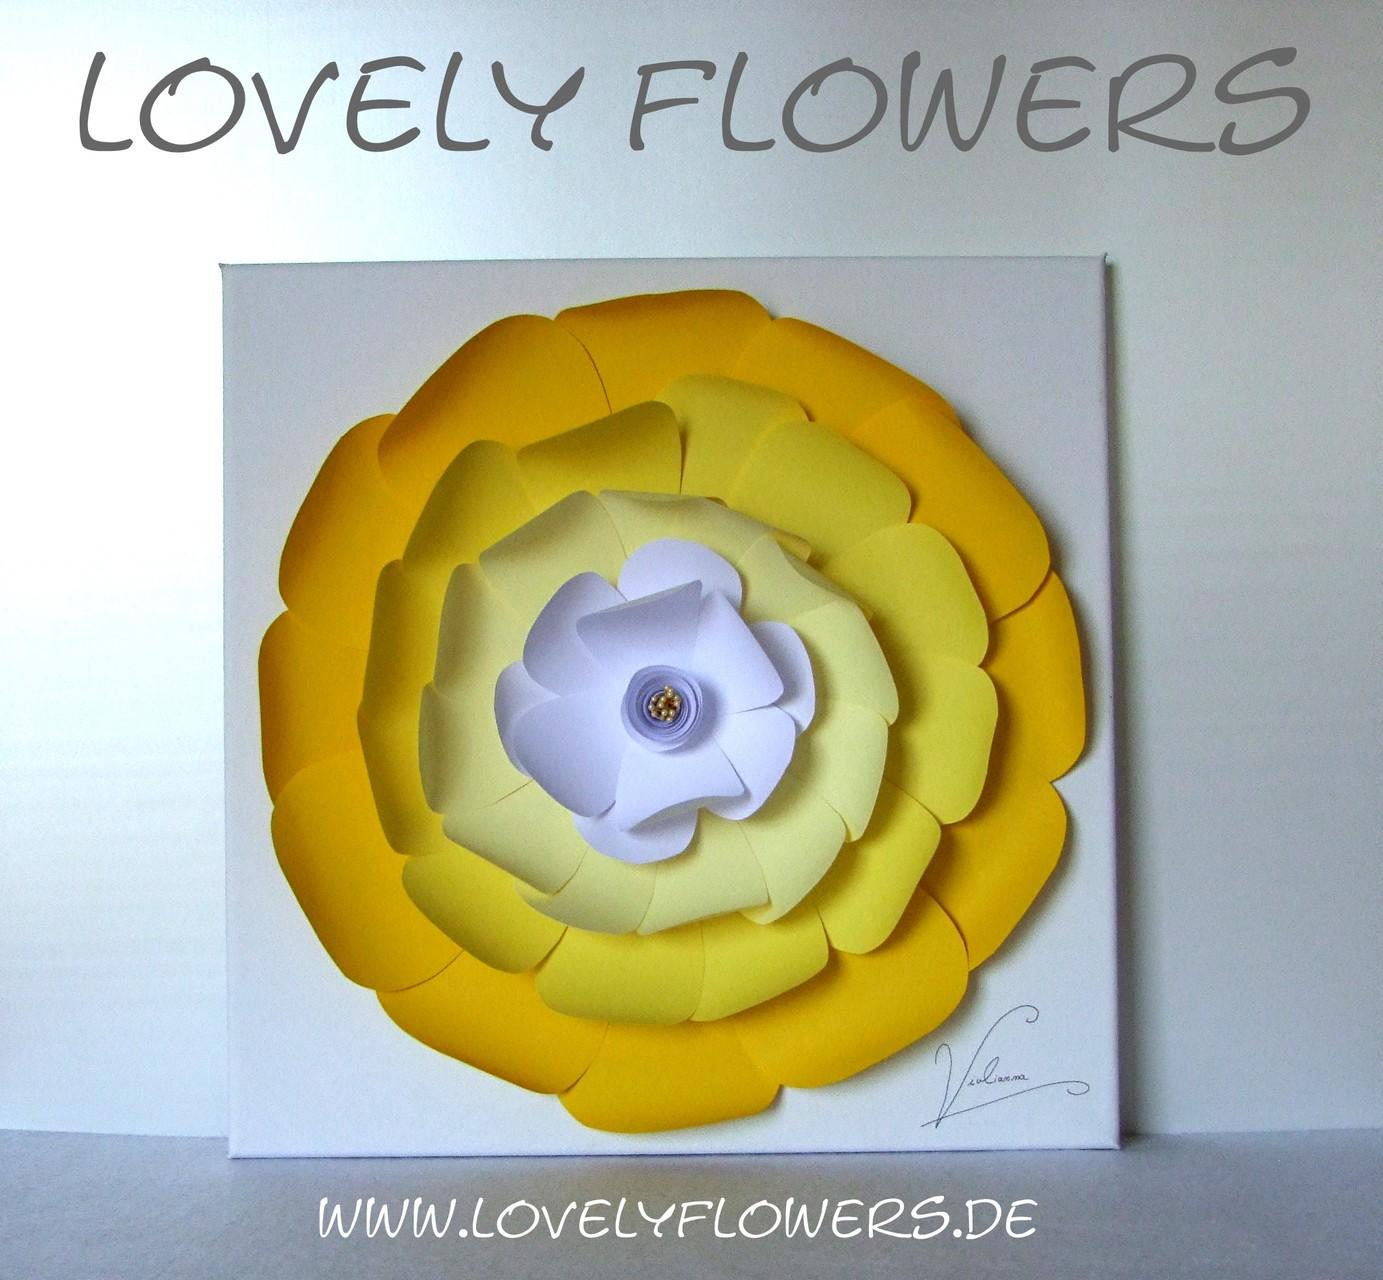 www.lovelyflowers.de - Dein Spezialist für dekorative PAPER-ART Blumenbilder in vielen Formaten!